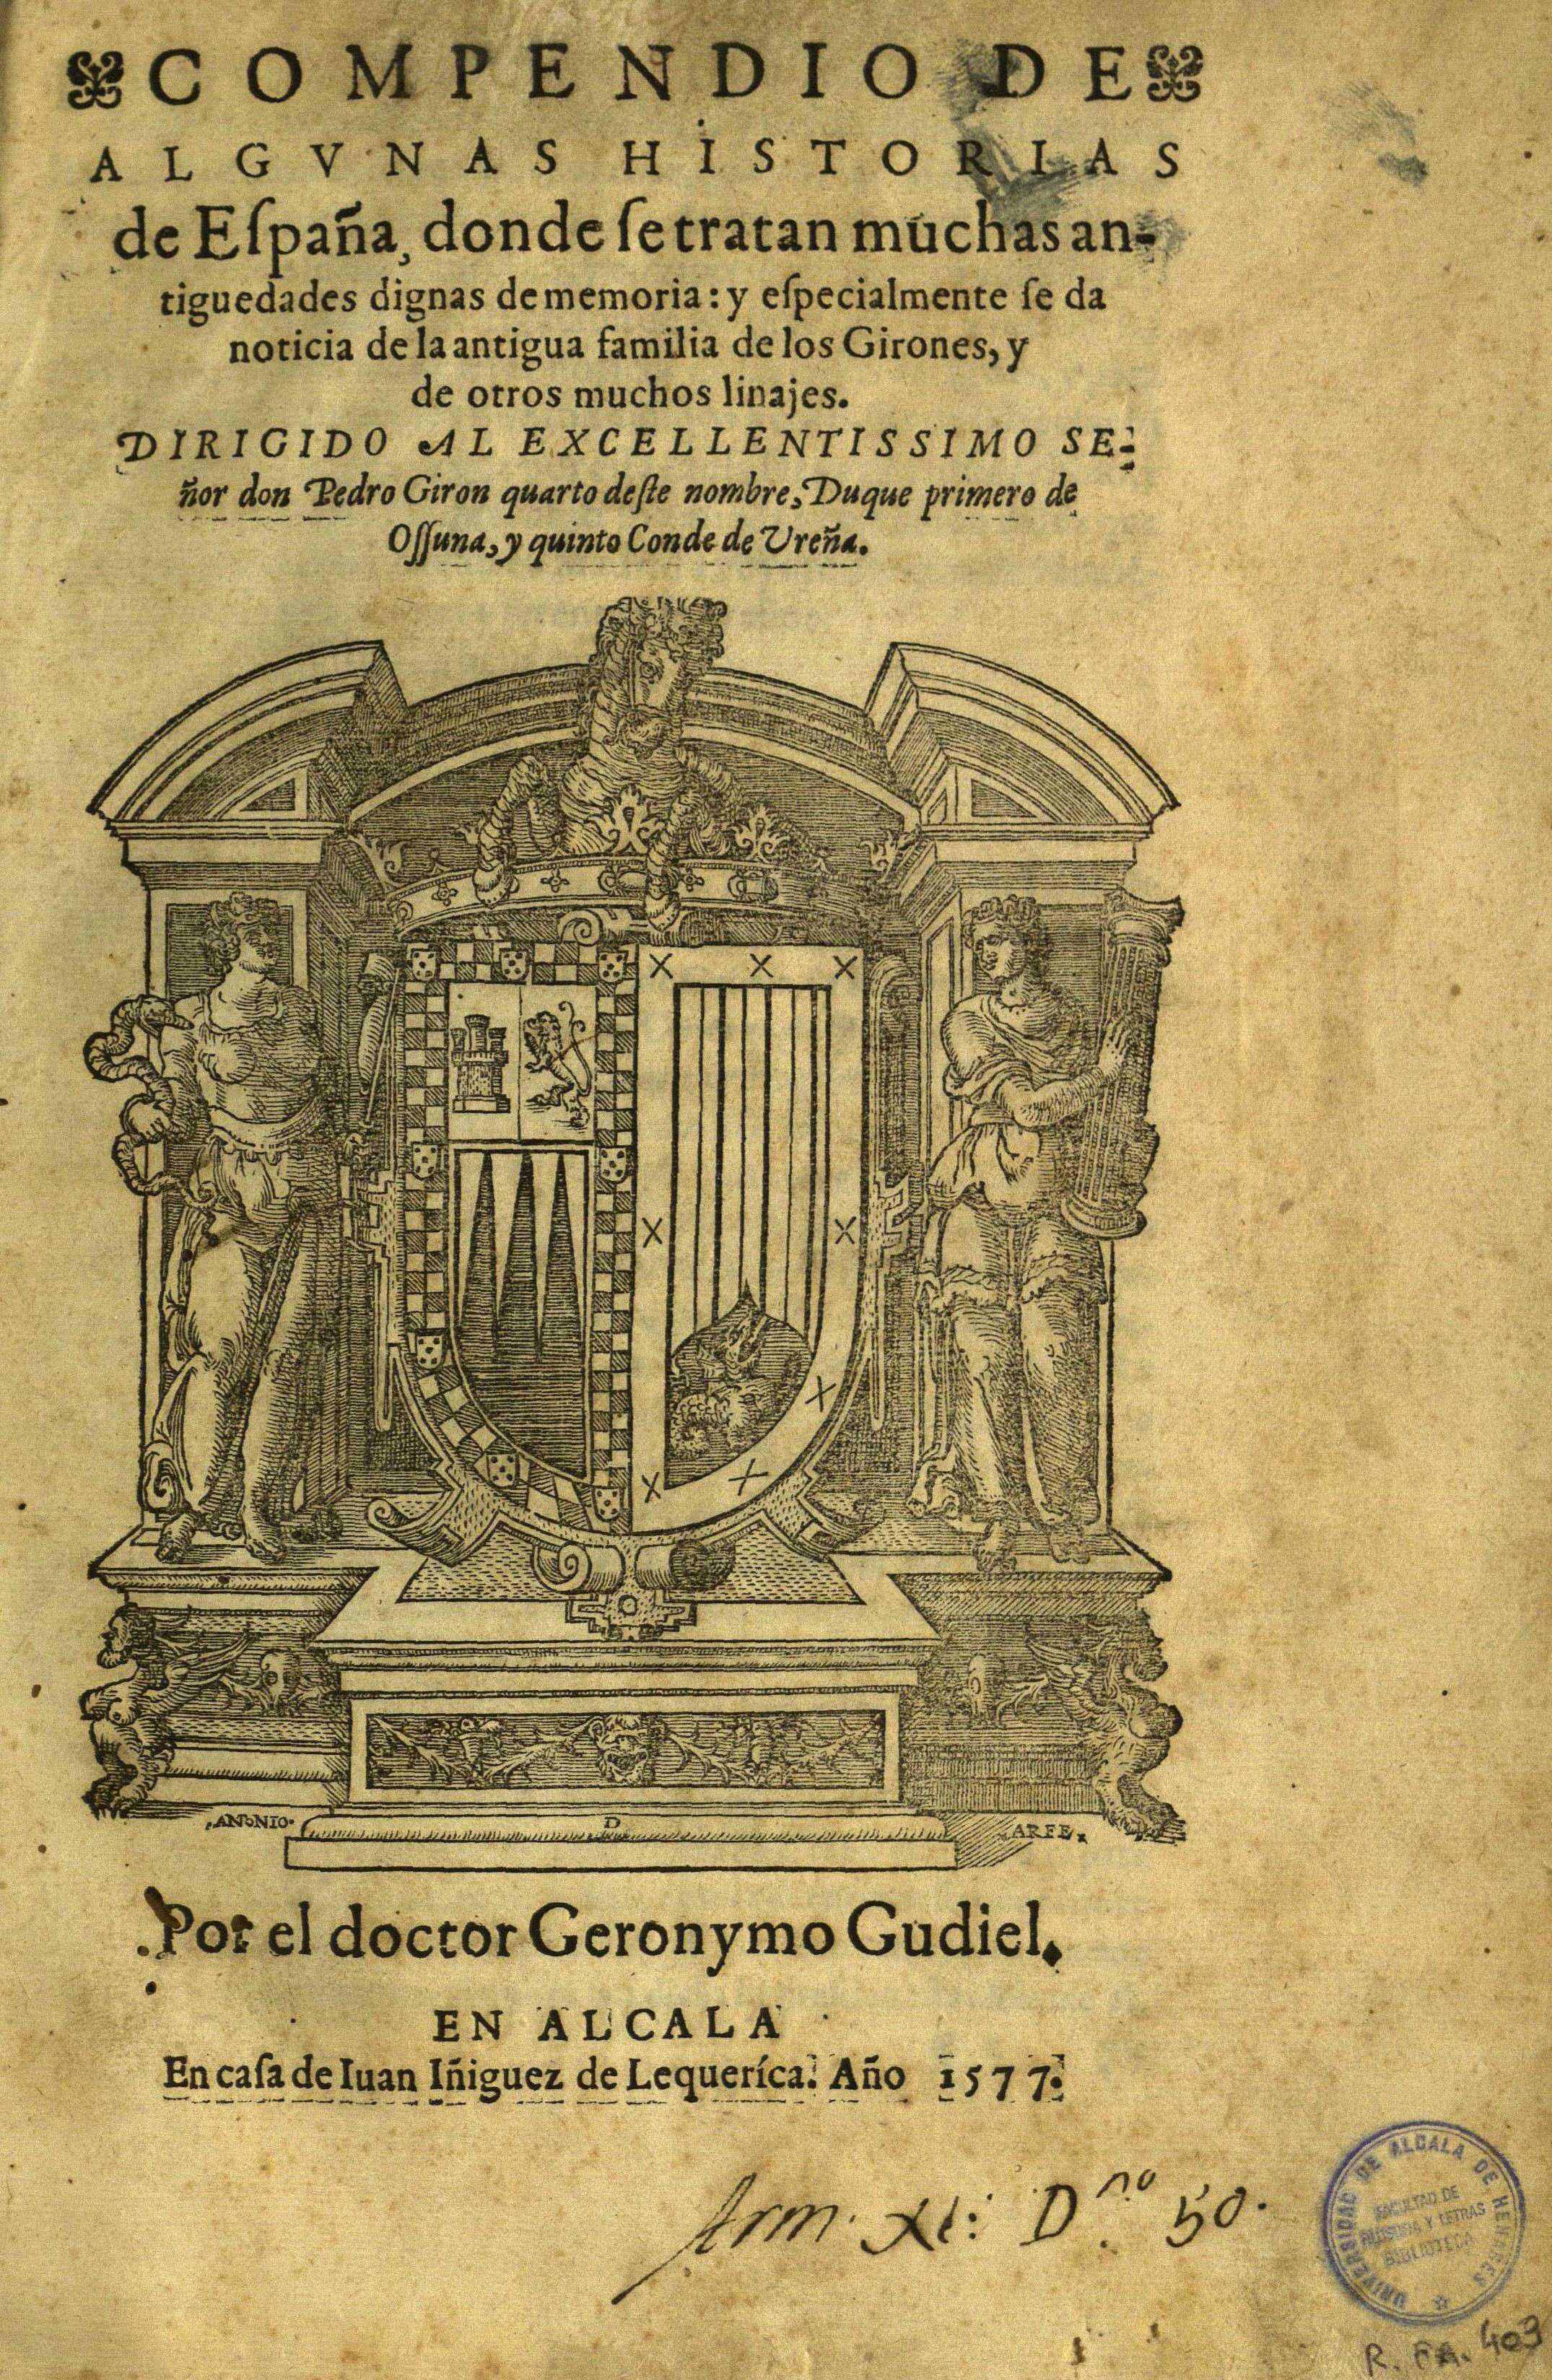 Compendio de algunas historias de España, 1577